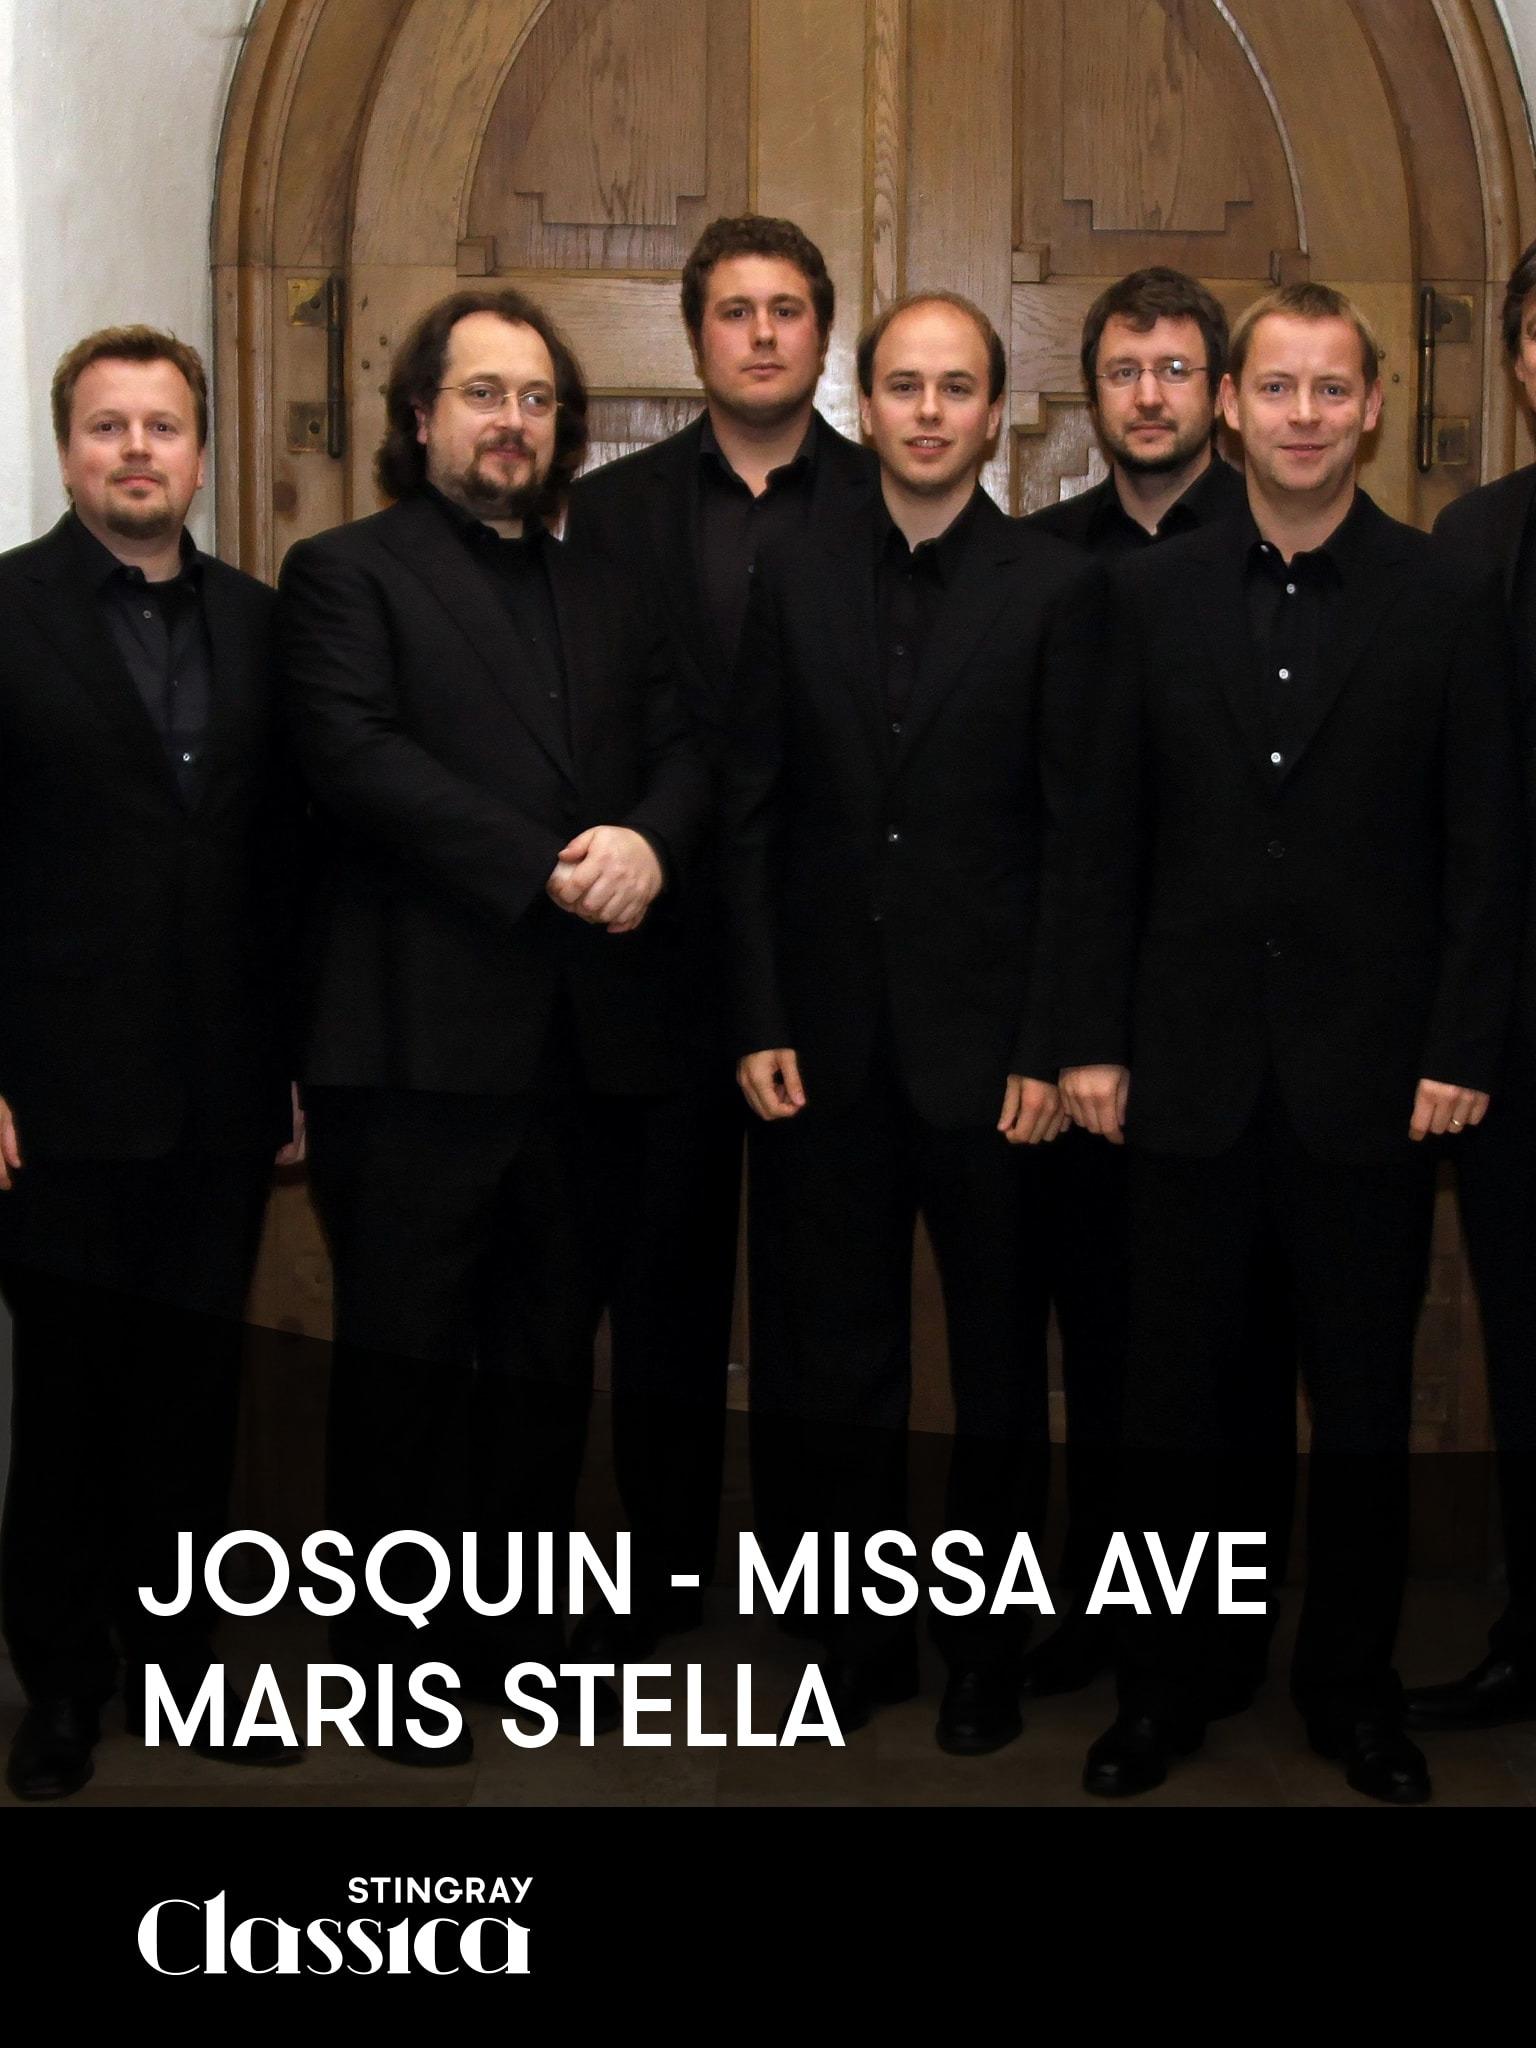 Josquin - Missa Ave Maris stella